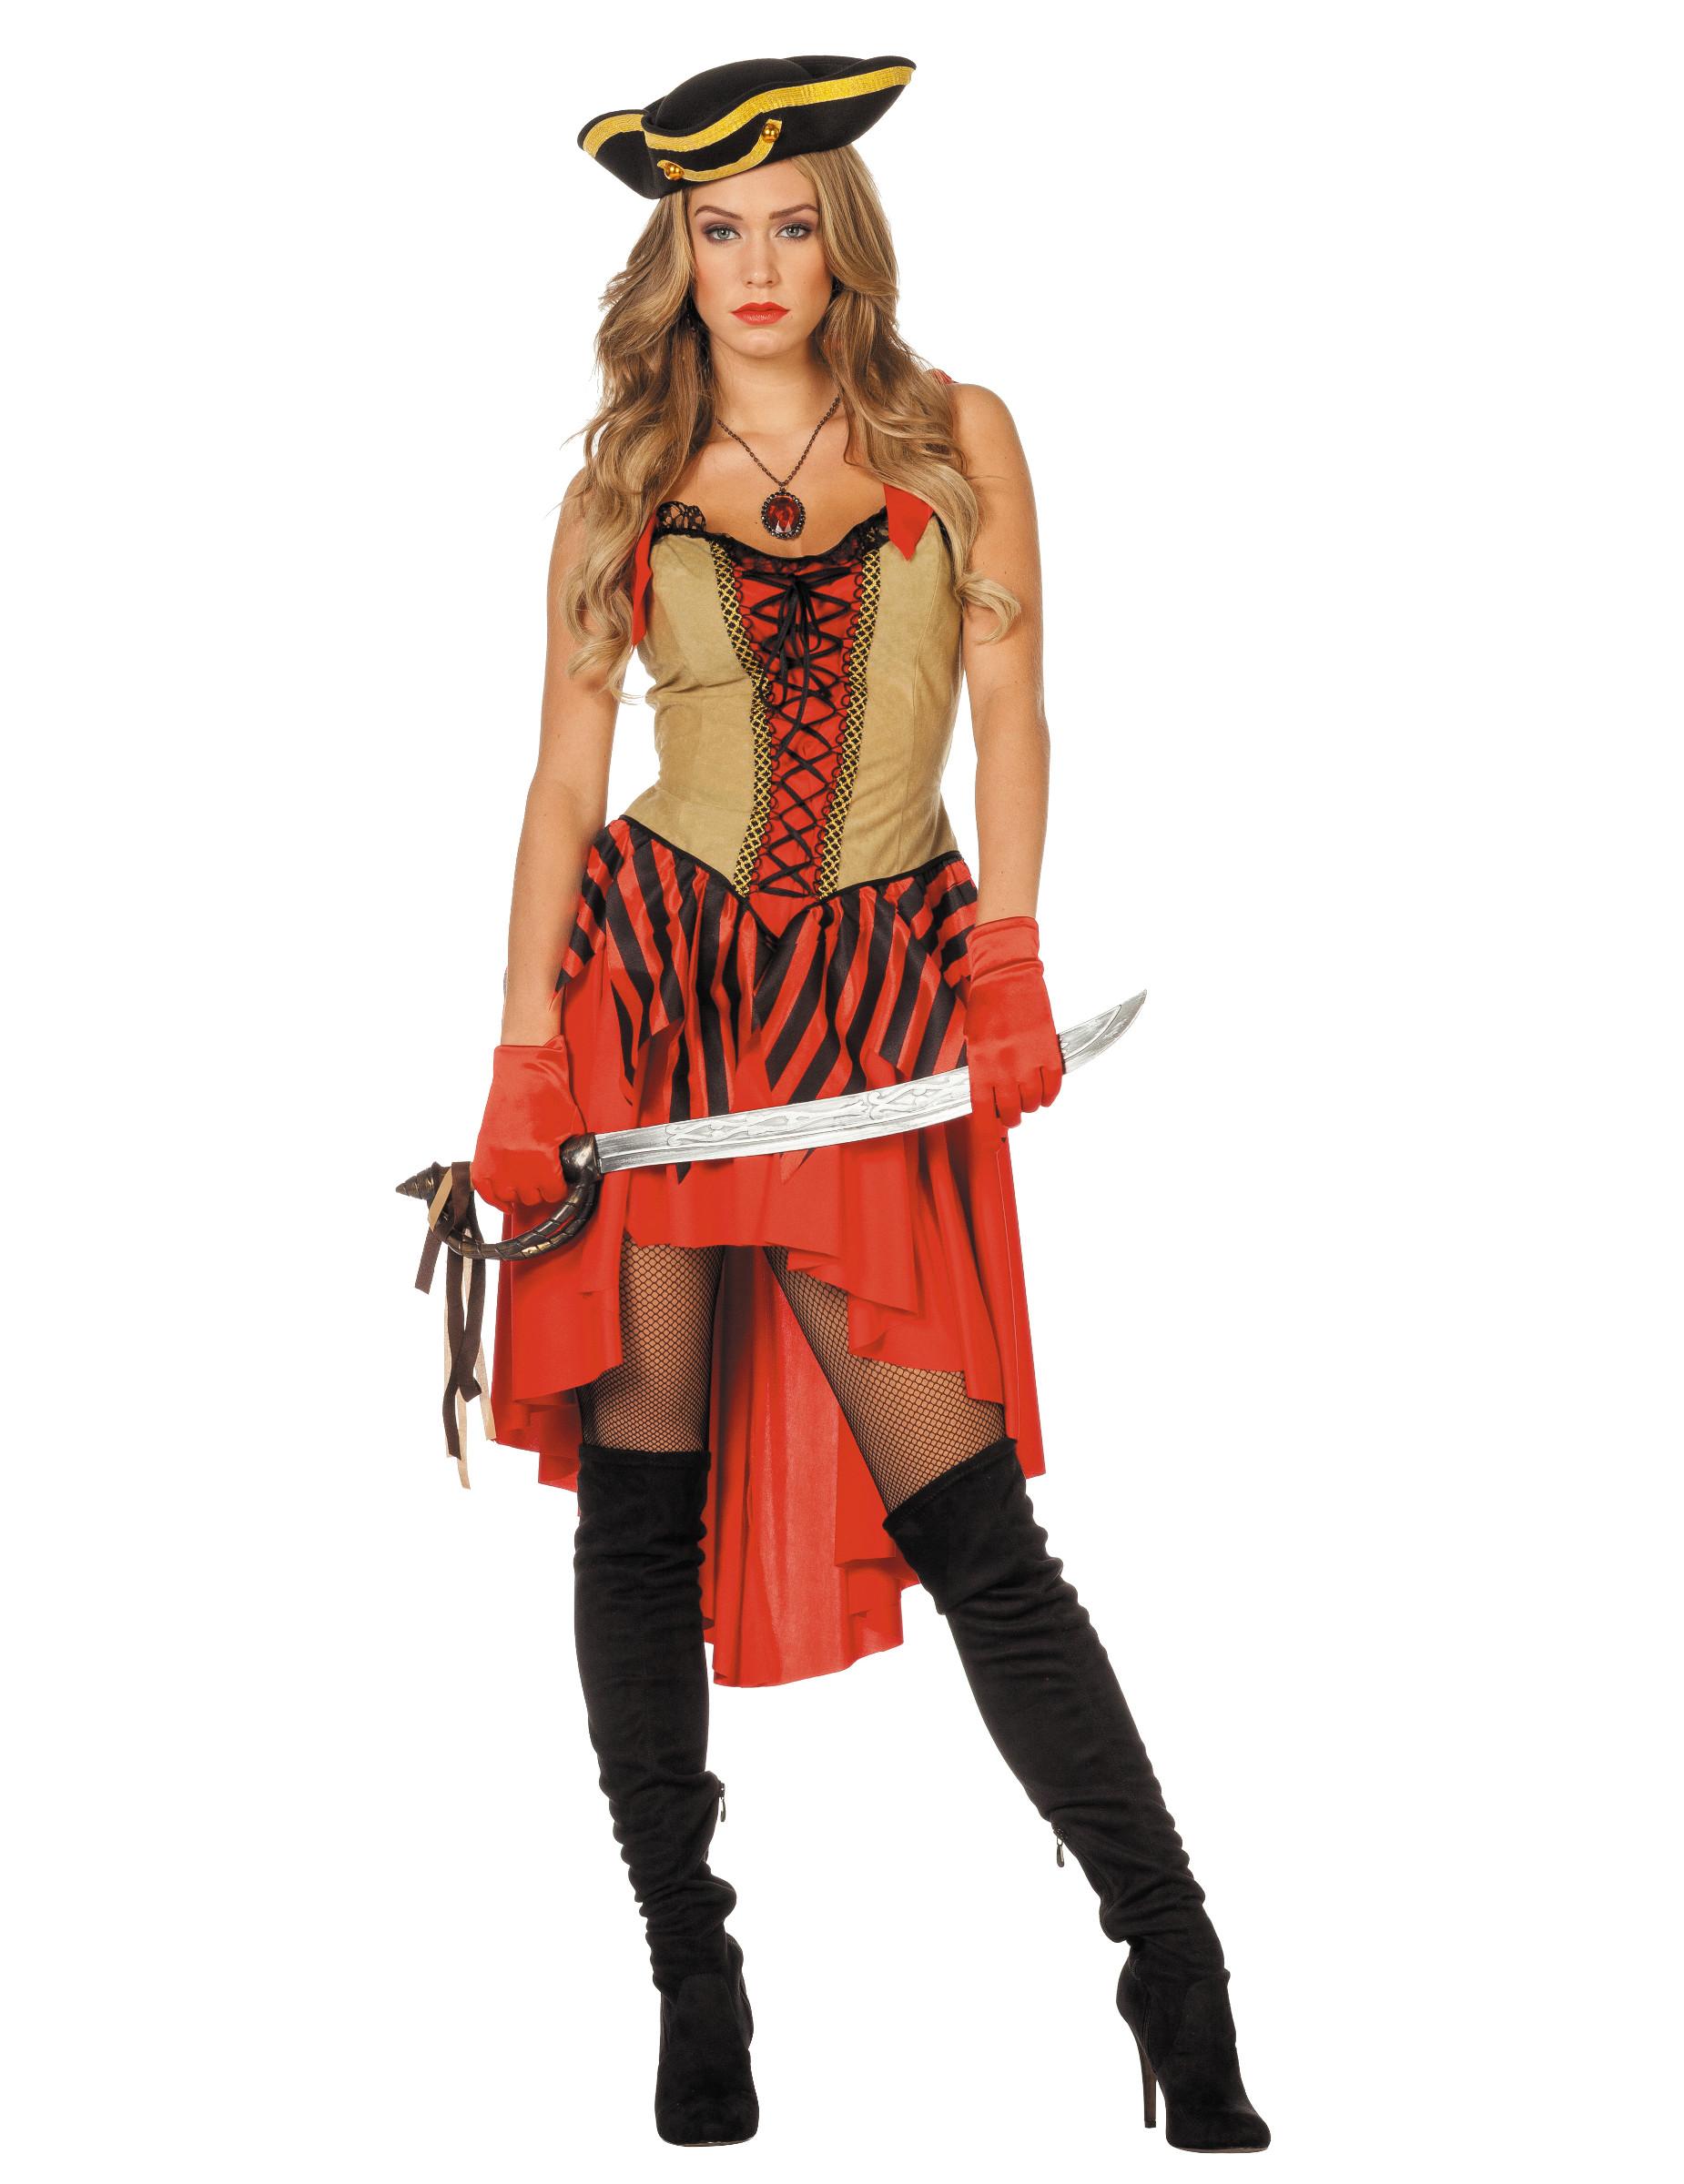 Sexy Piratenbraut Kostum Fur Damen Rot Schwarz Beige Kostume Fur